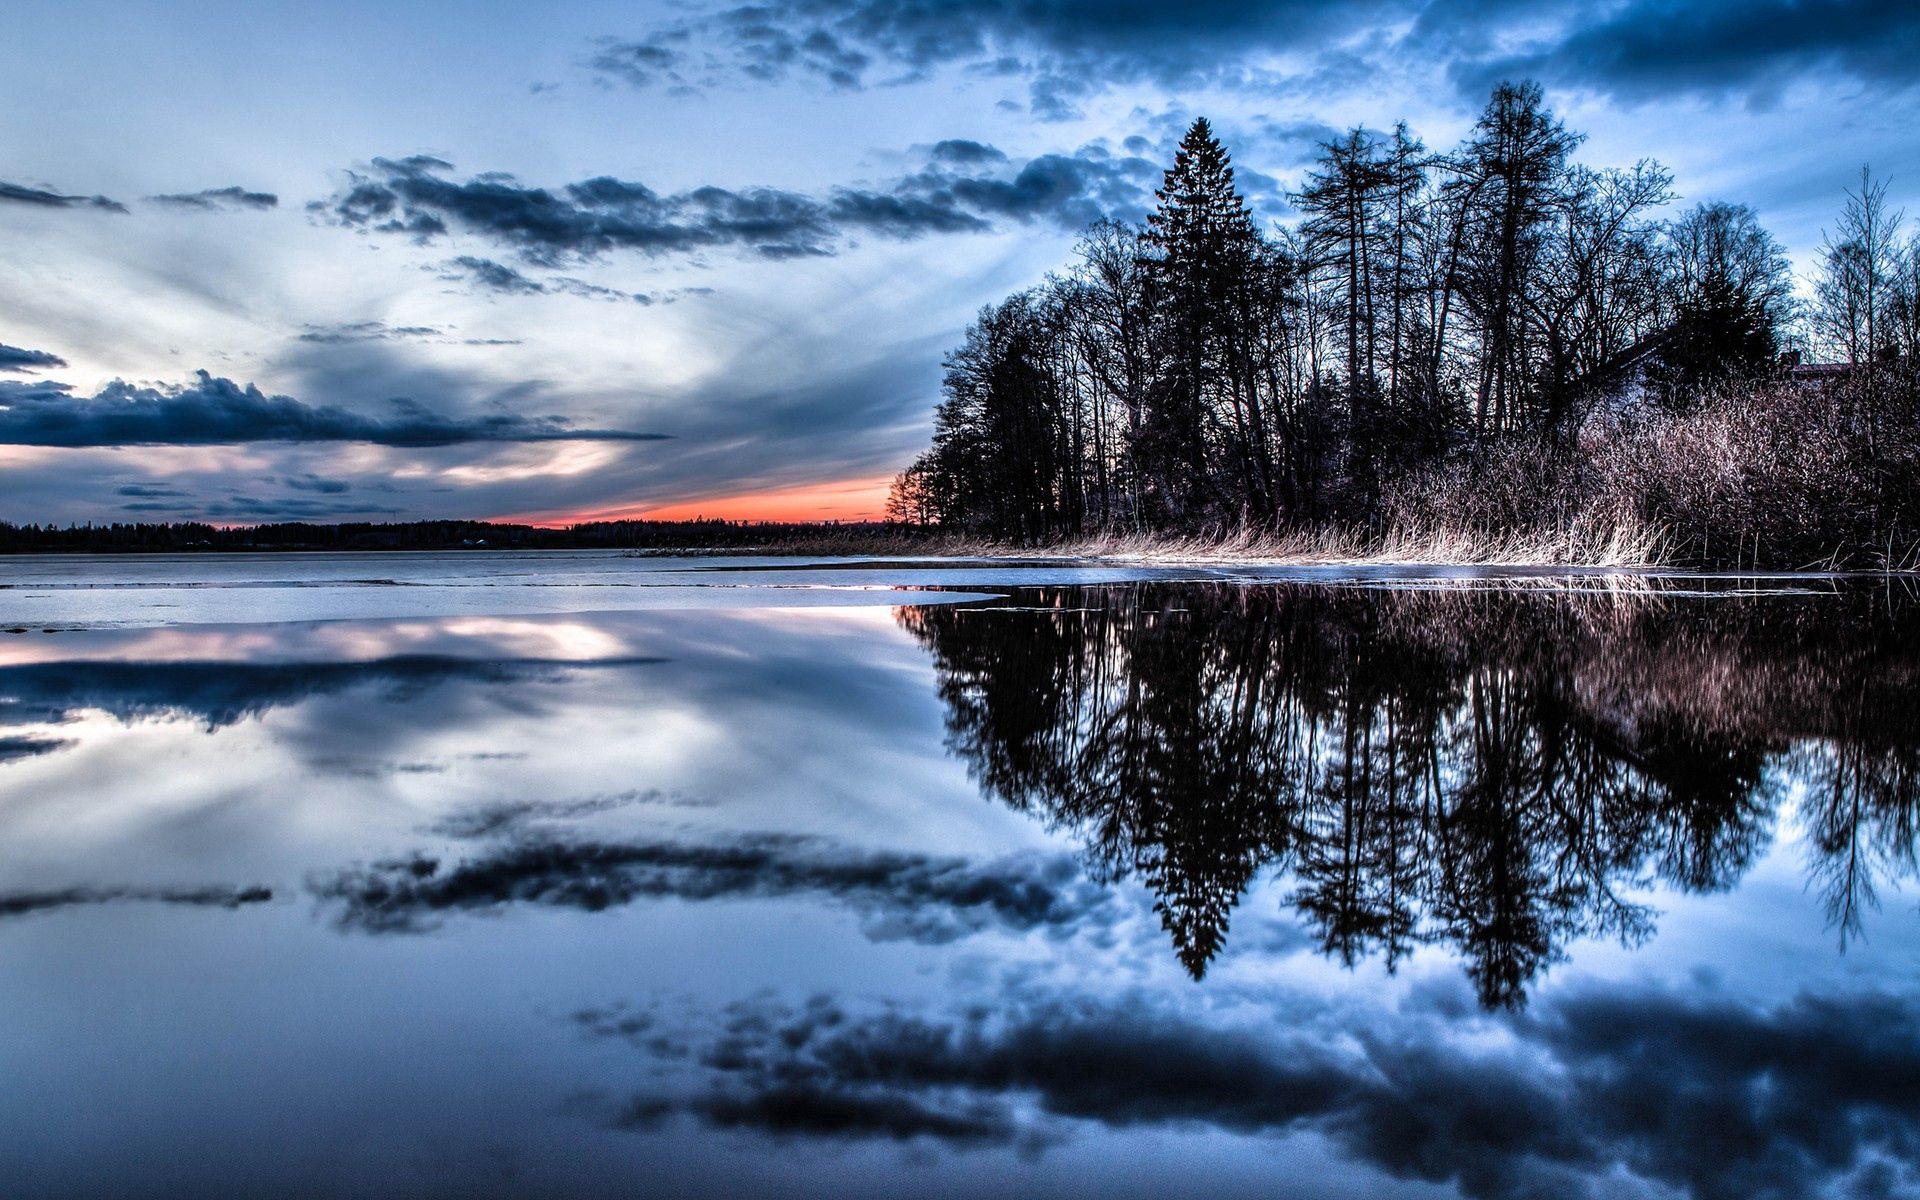 133406 скачать обои Природа, Озеро, Река, Деревья, Вечер - заставки и картинки бесплатно